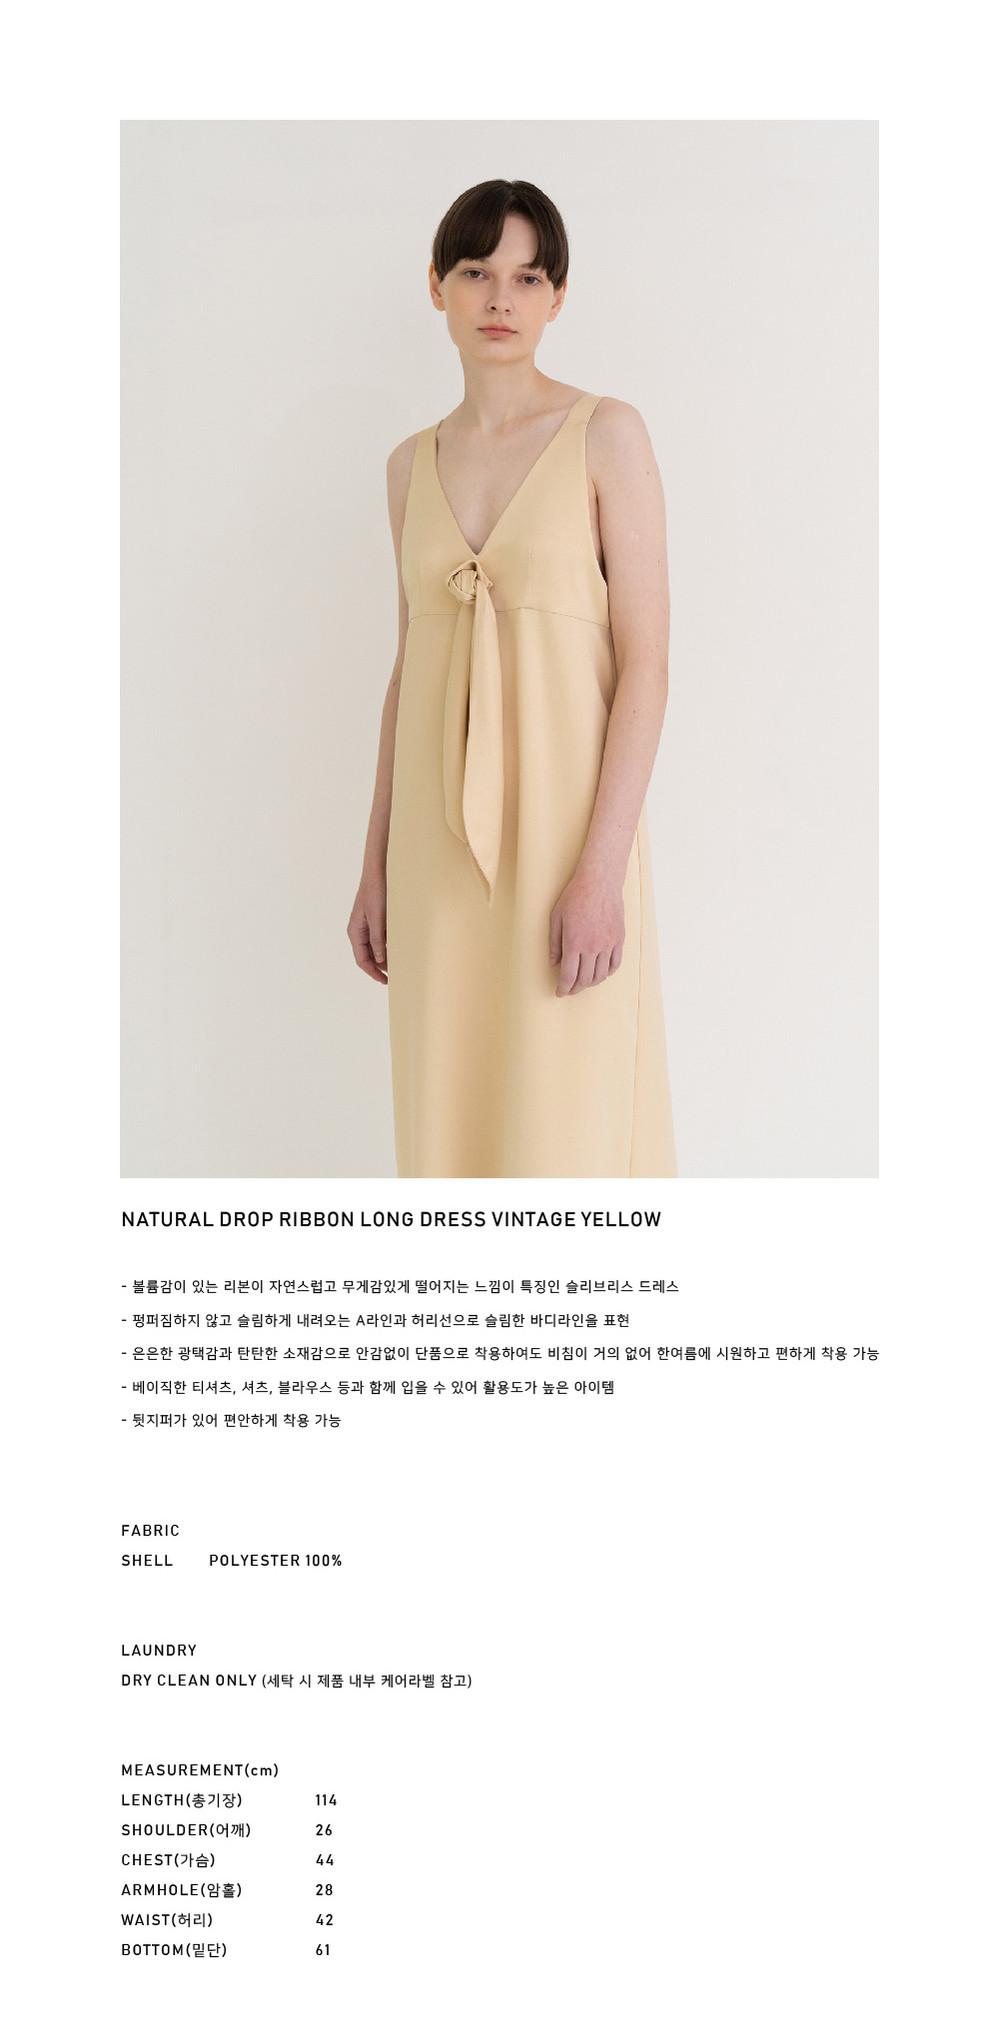 NATURAL DROP RIBBON LONG DRESS VINTAGE YELLOW